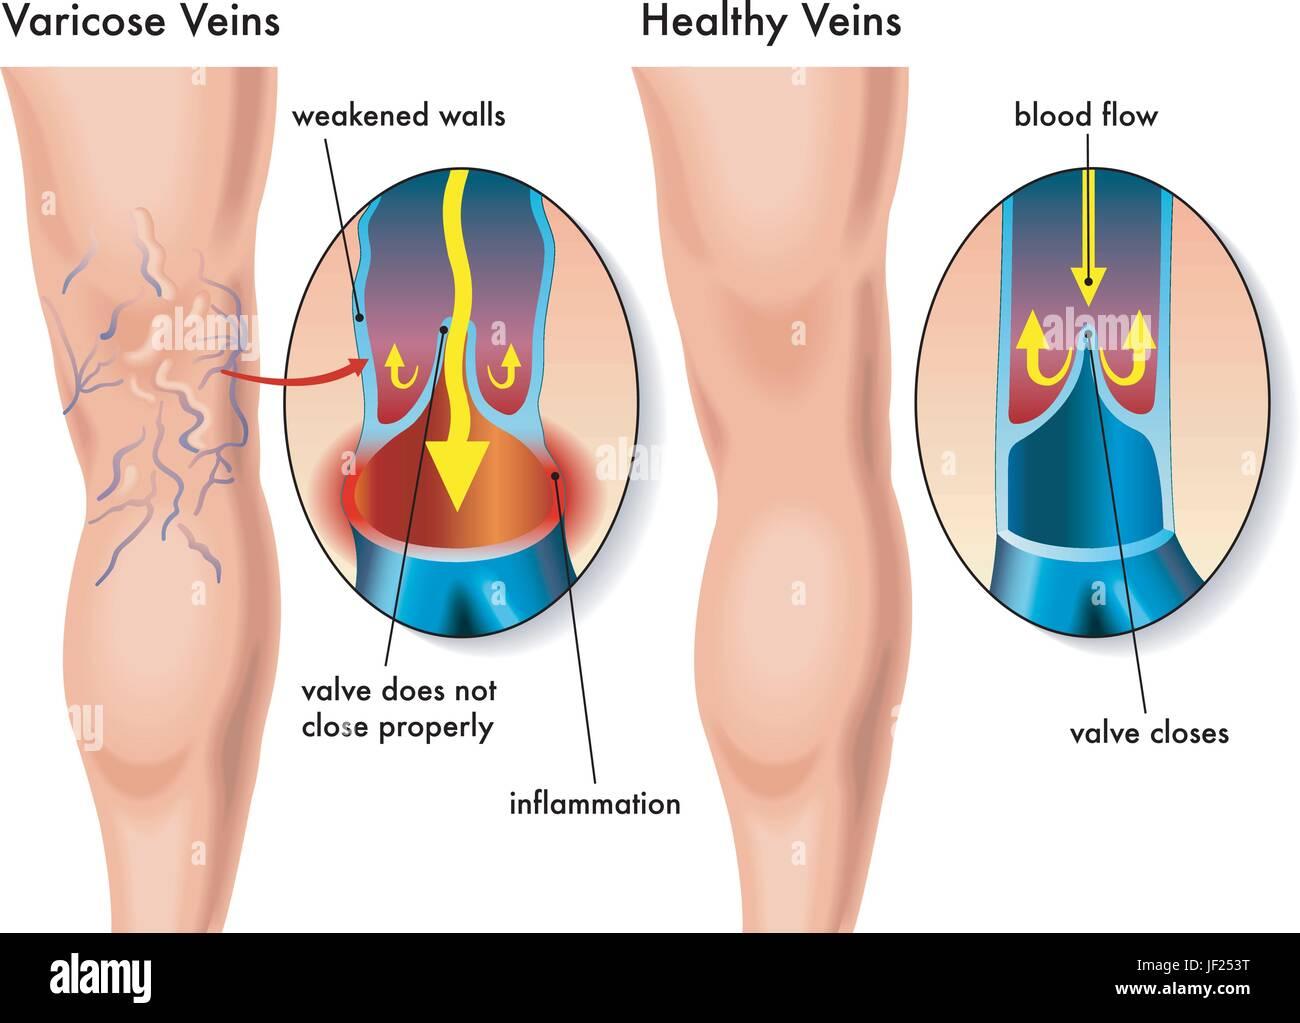 legs, veins, legs, heart, blood, veins, valves, disease, pressure ...